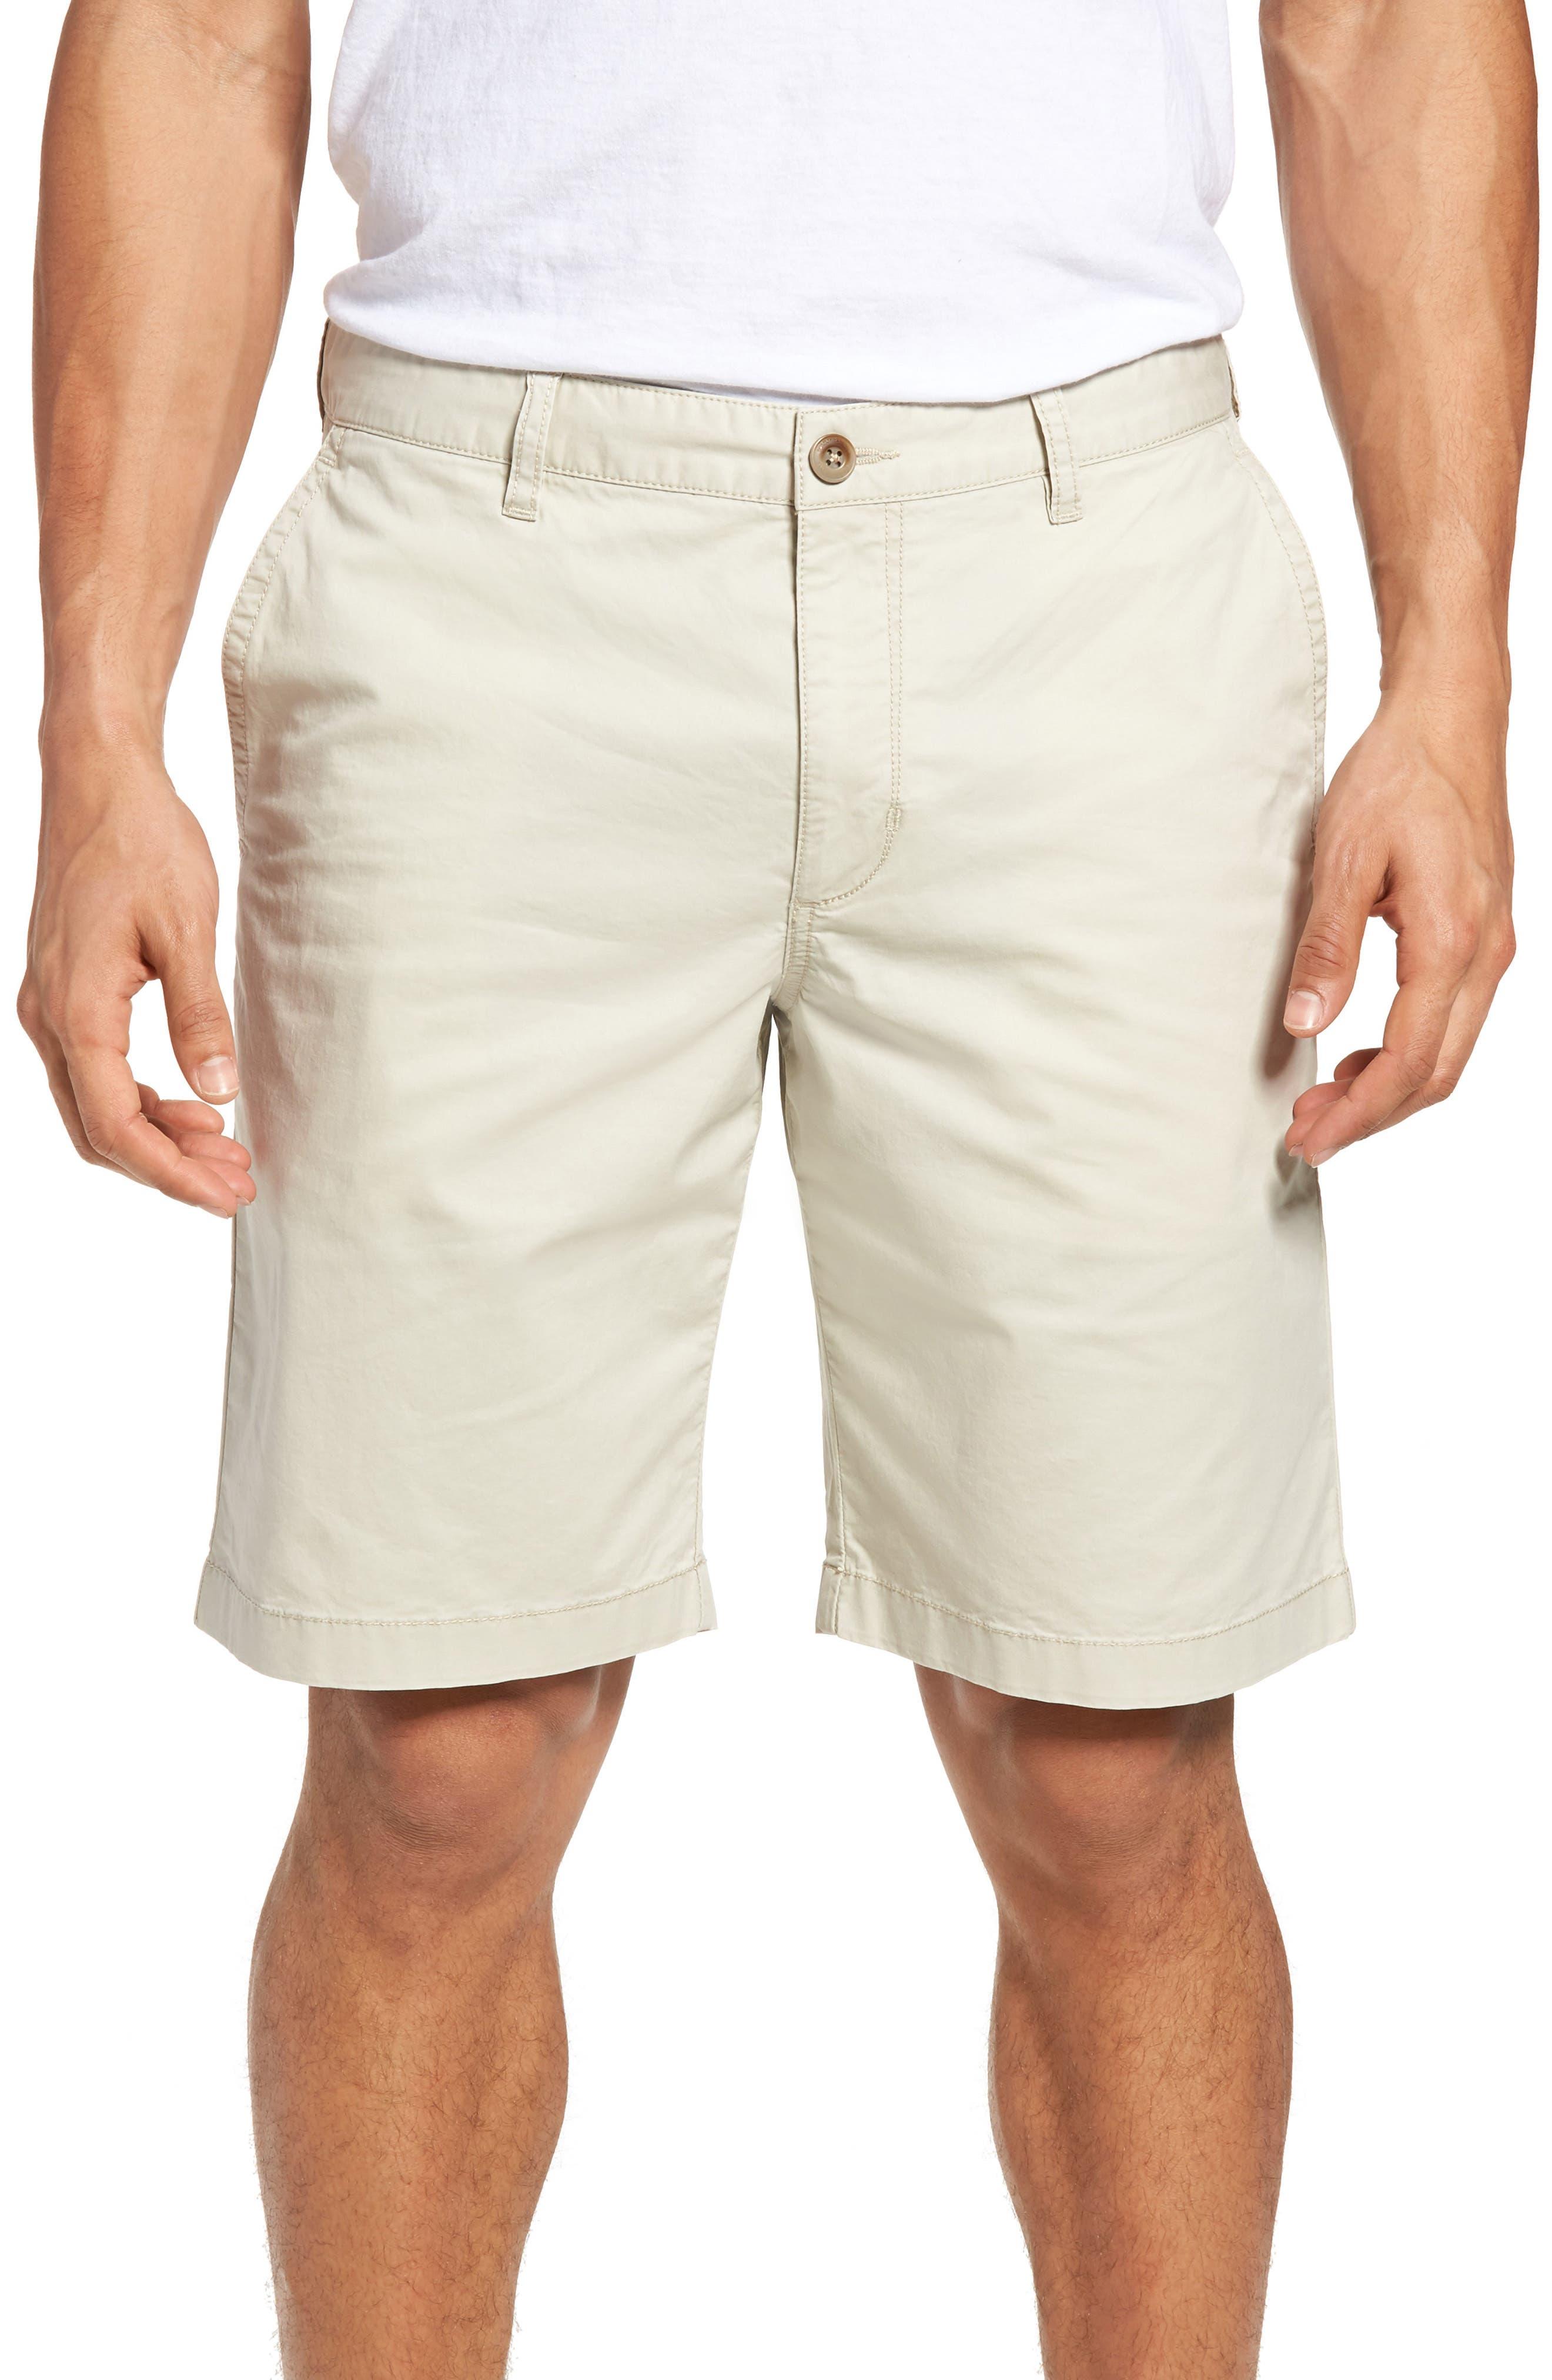 Sail Away Shorts,                         Main,                         color, 200